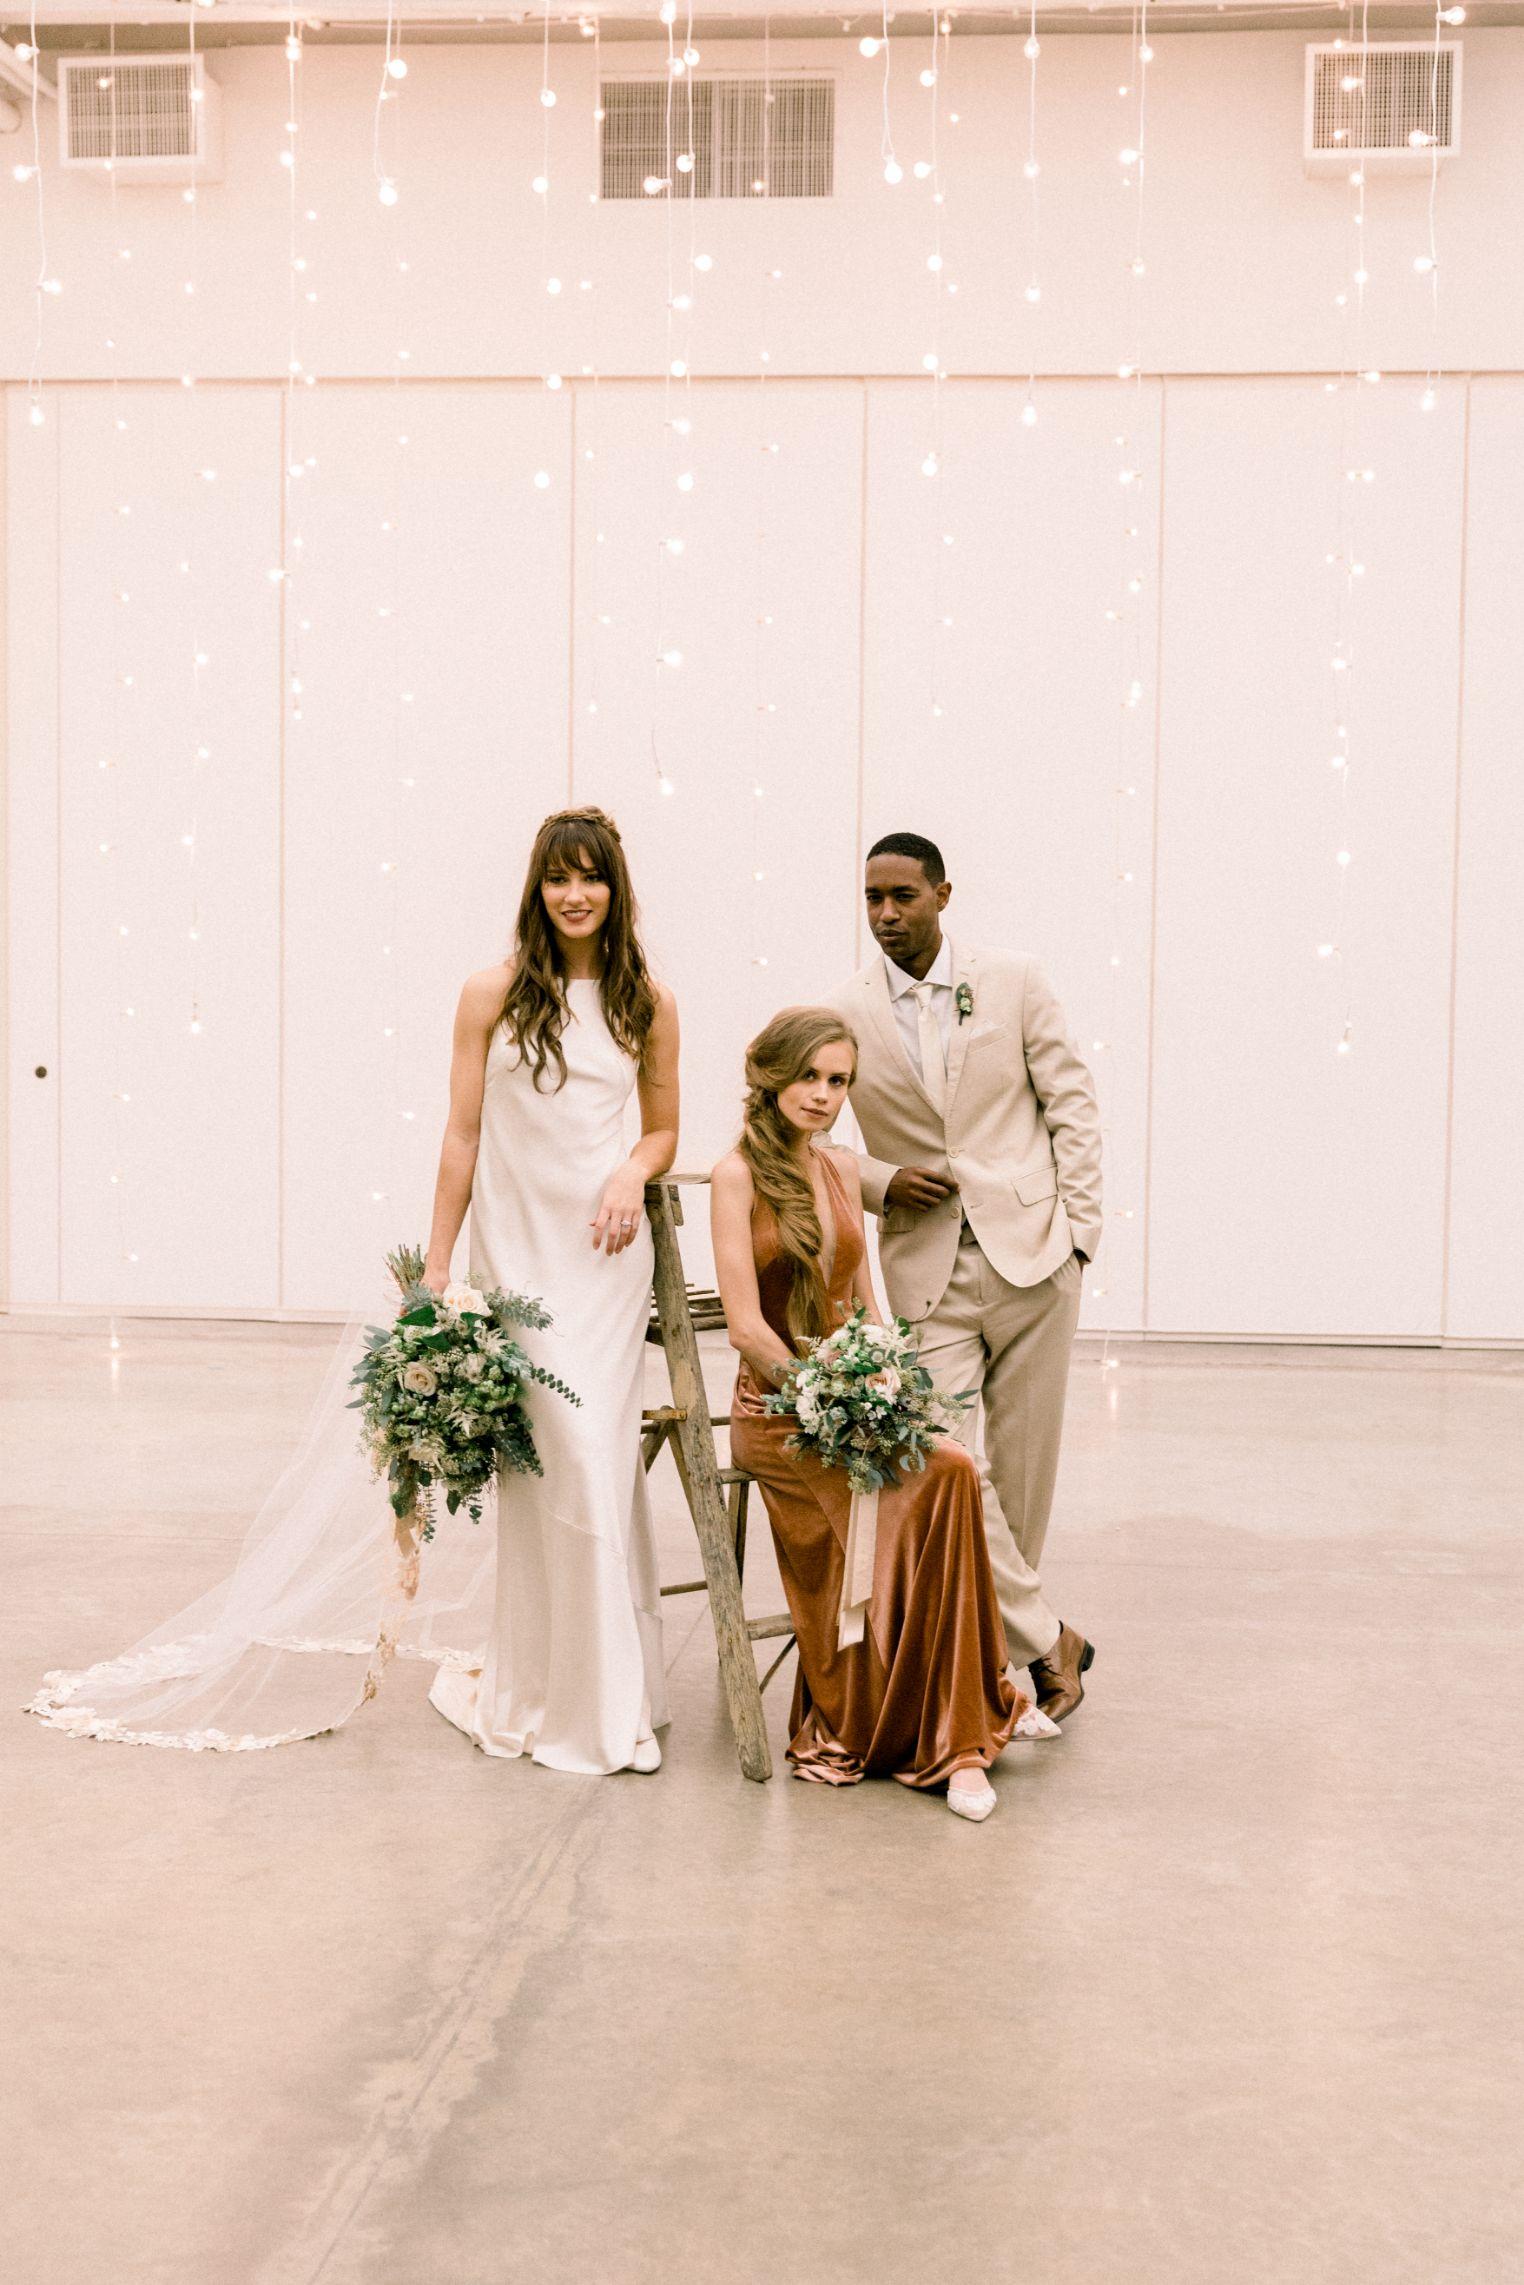 artists-for-humanity-industrial-bohemian-wedding-daylynn-designs316.jpg